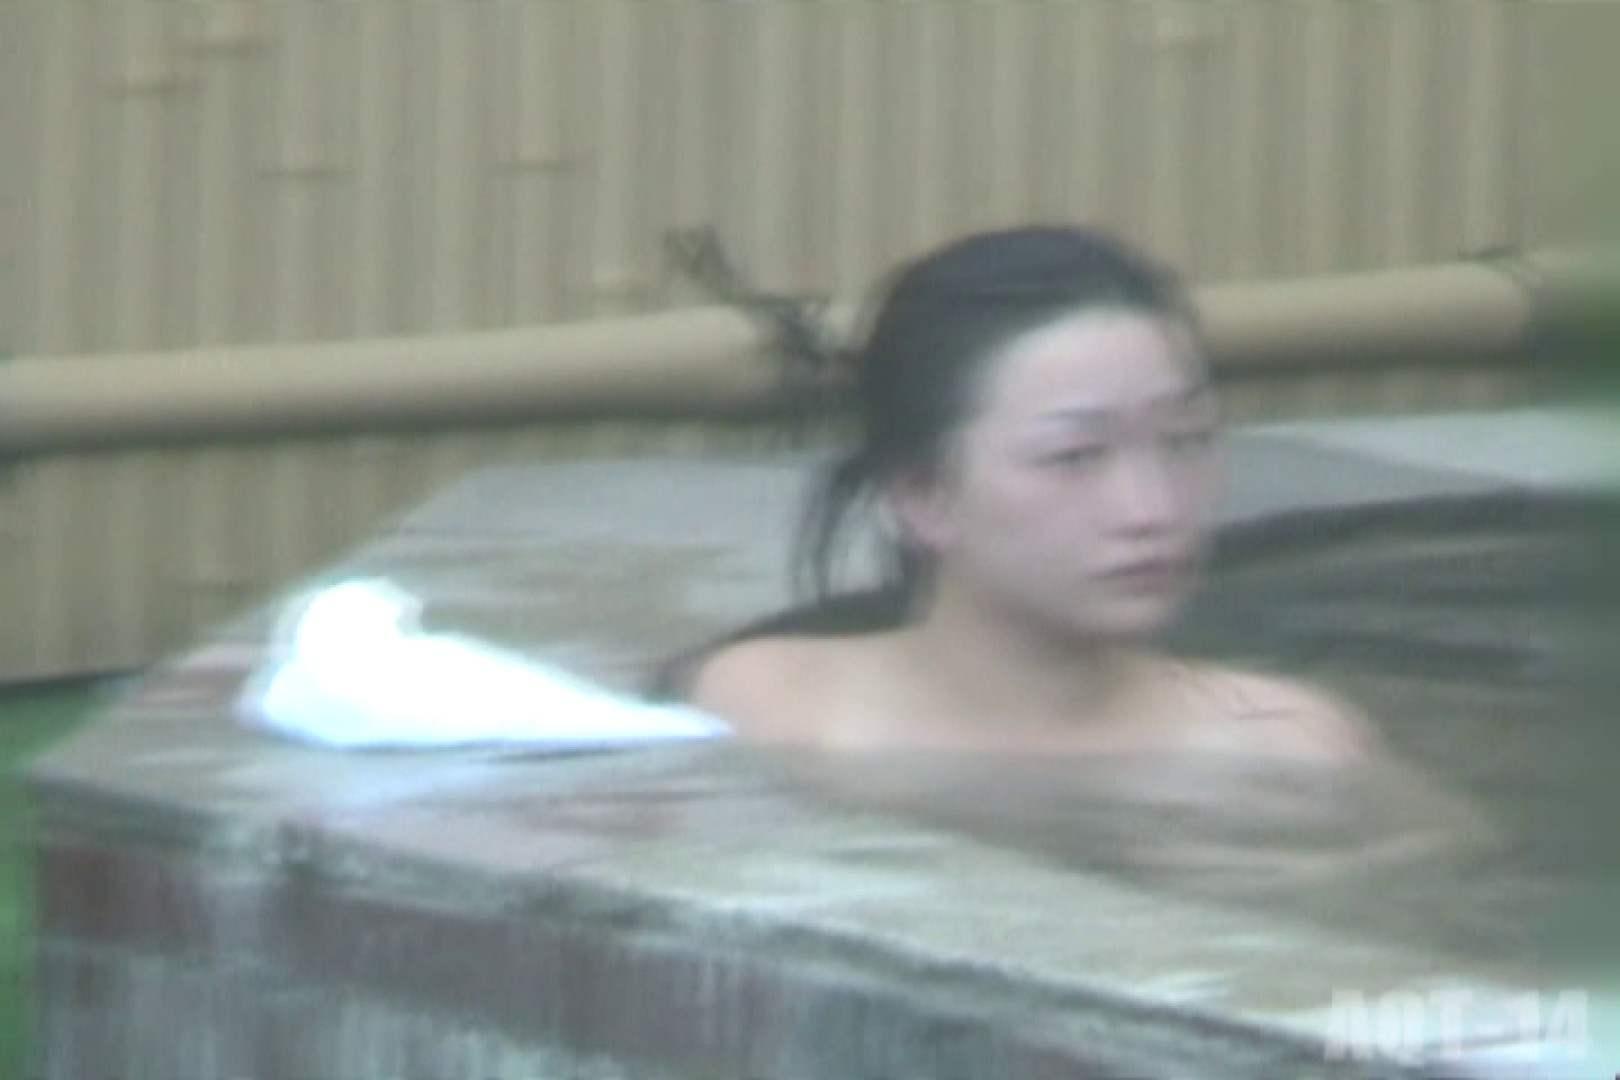 Aquaな露天風呂Vol.826 露天 | 盗撮  58pic 17